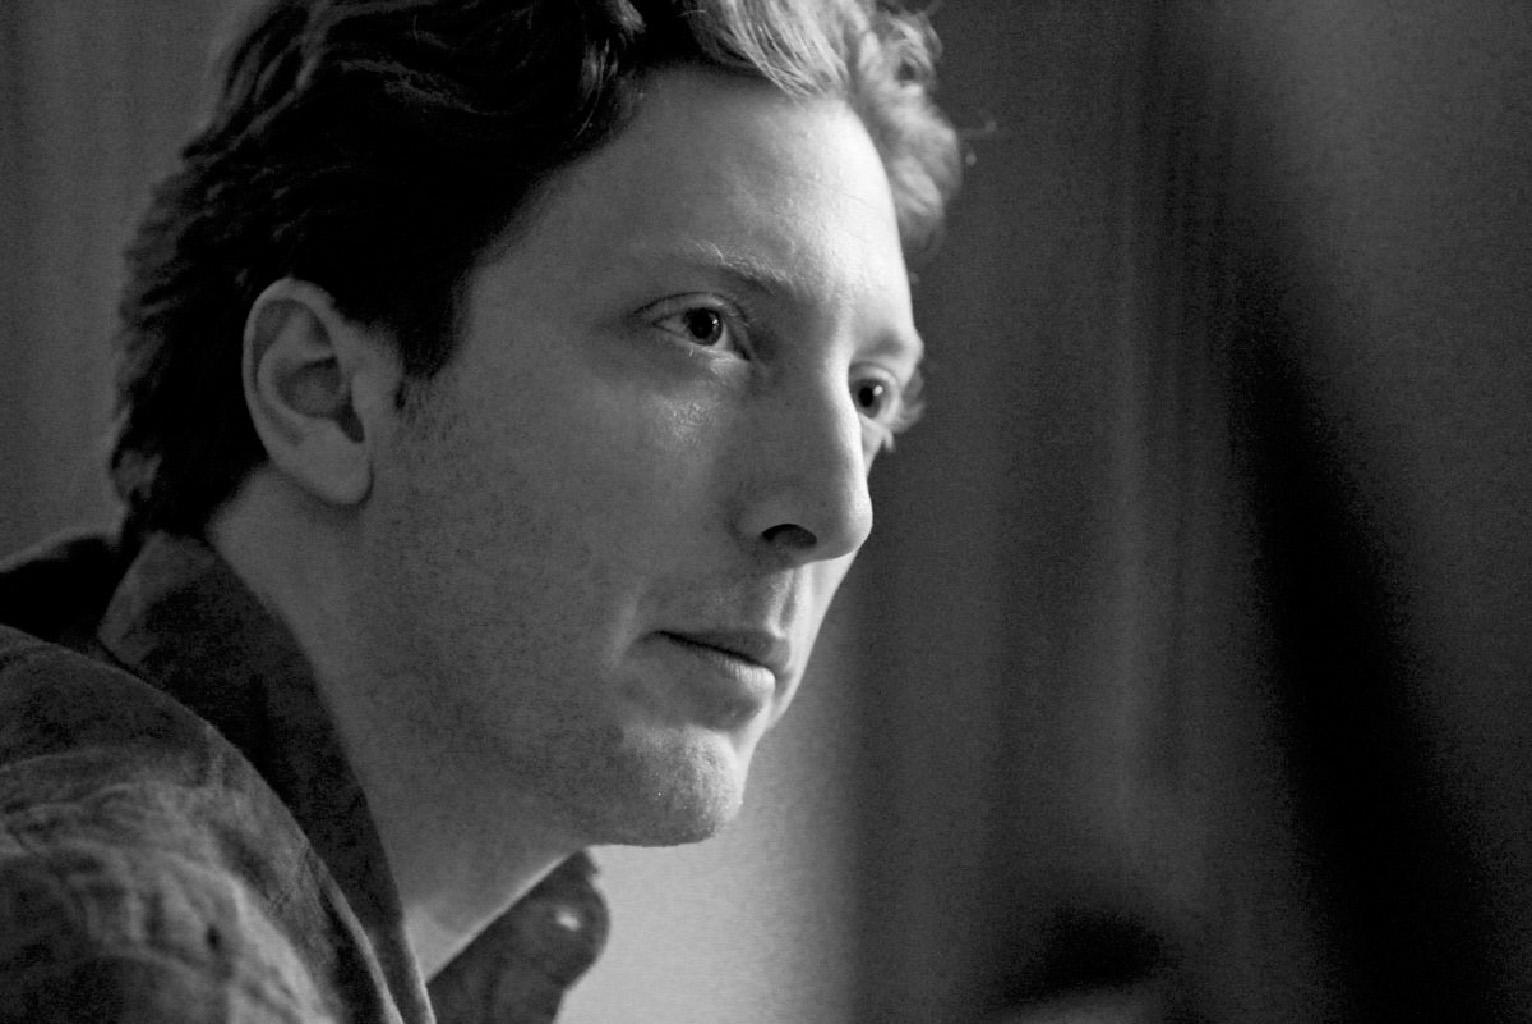 Il regista Henry Alex Rubin fuori concorso alla 69esima edizione del Festival di Venezia